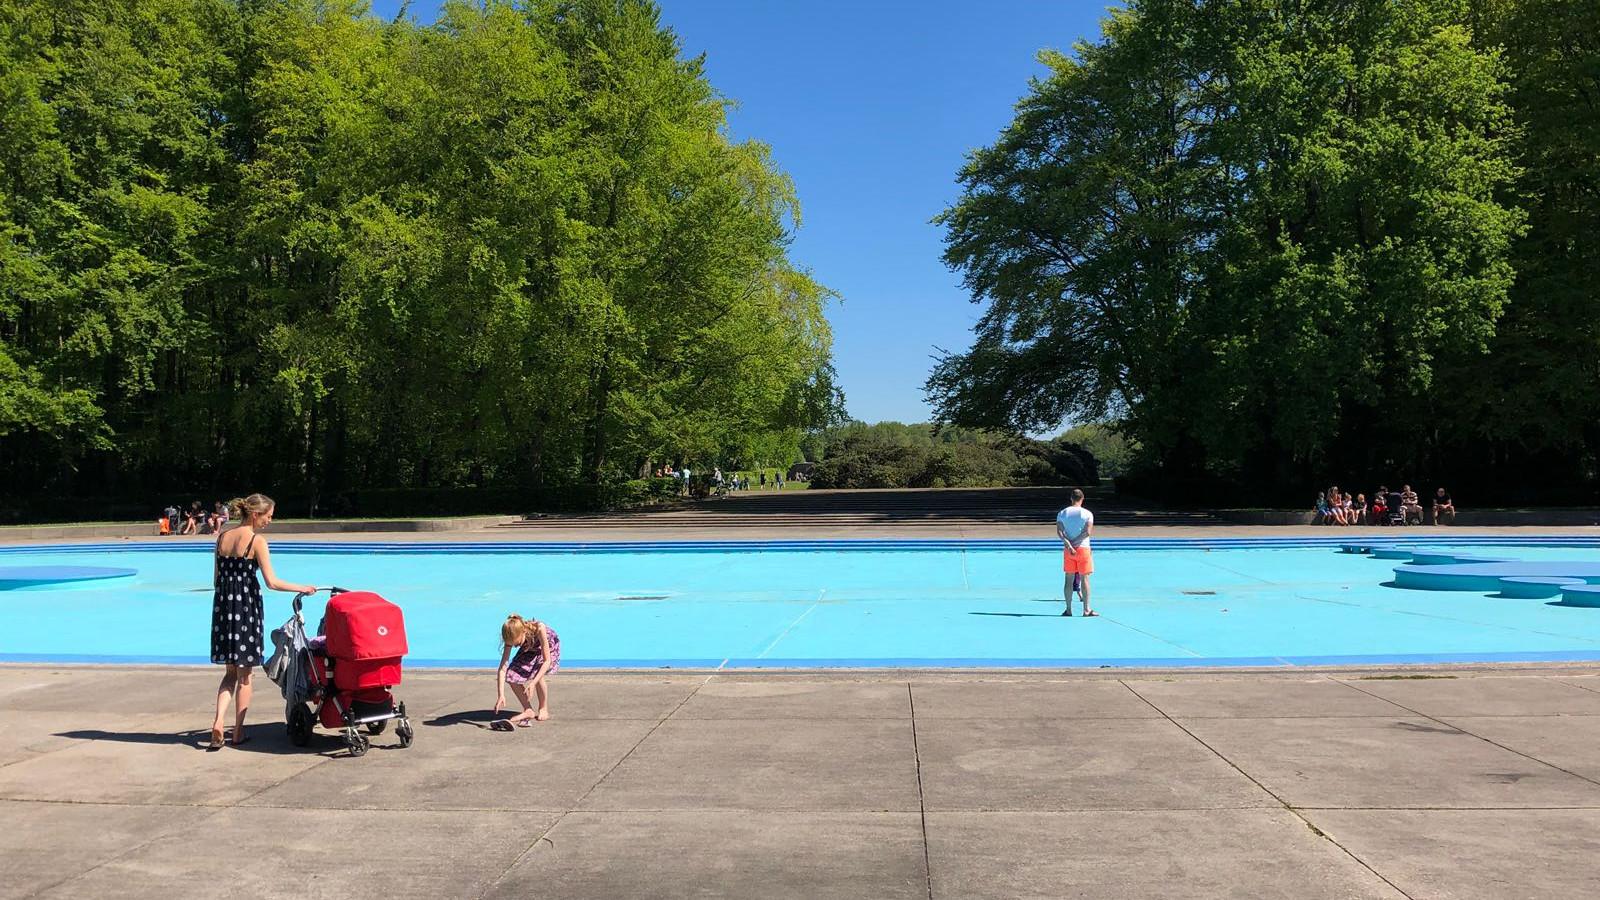 Uitzonderlijk Chagrijn bij honderden jonge ouders: geen water pierenbadje in QN88